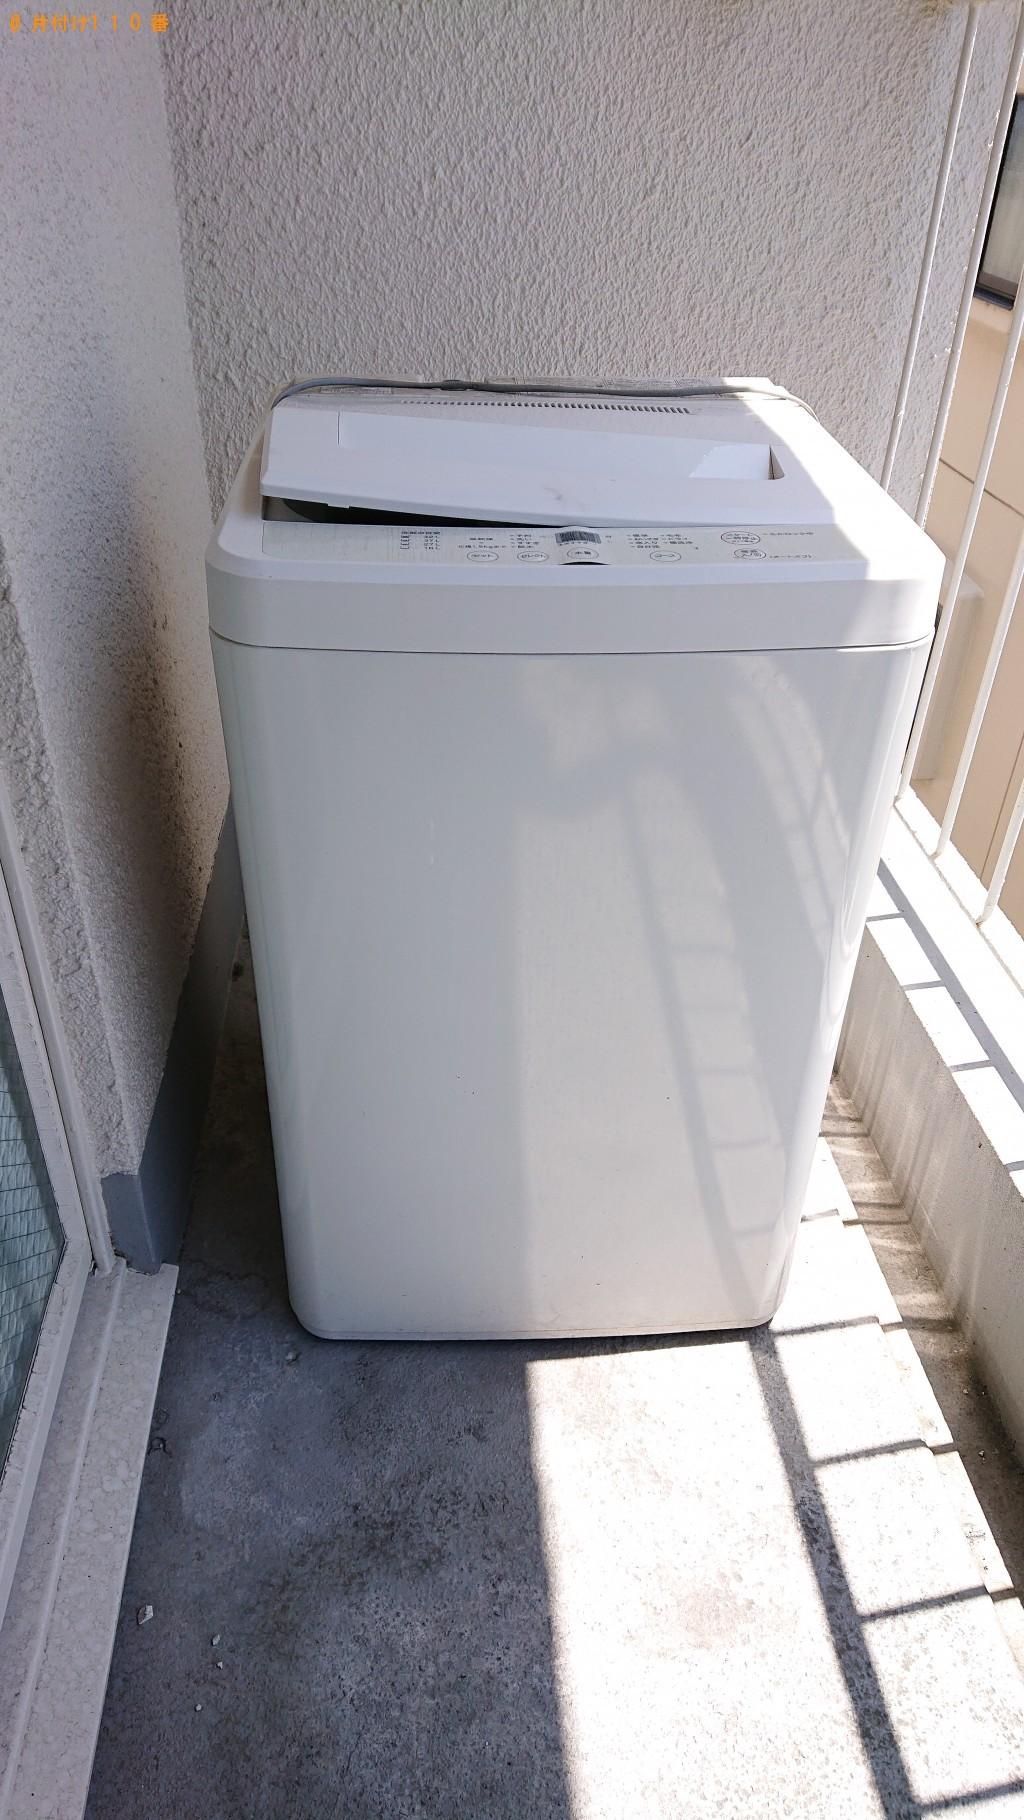 【大府市】洗濯機の回収・処分ご依頼 お客様の声